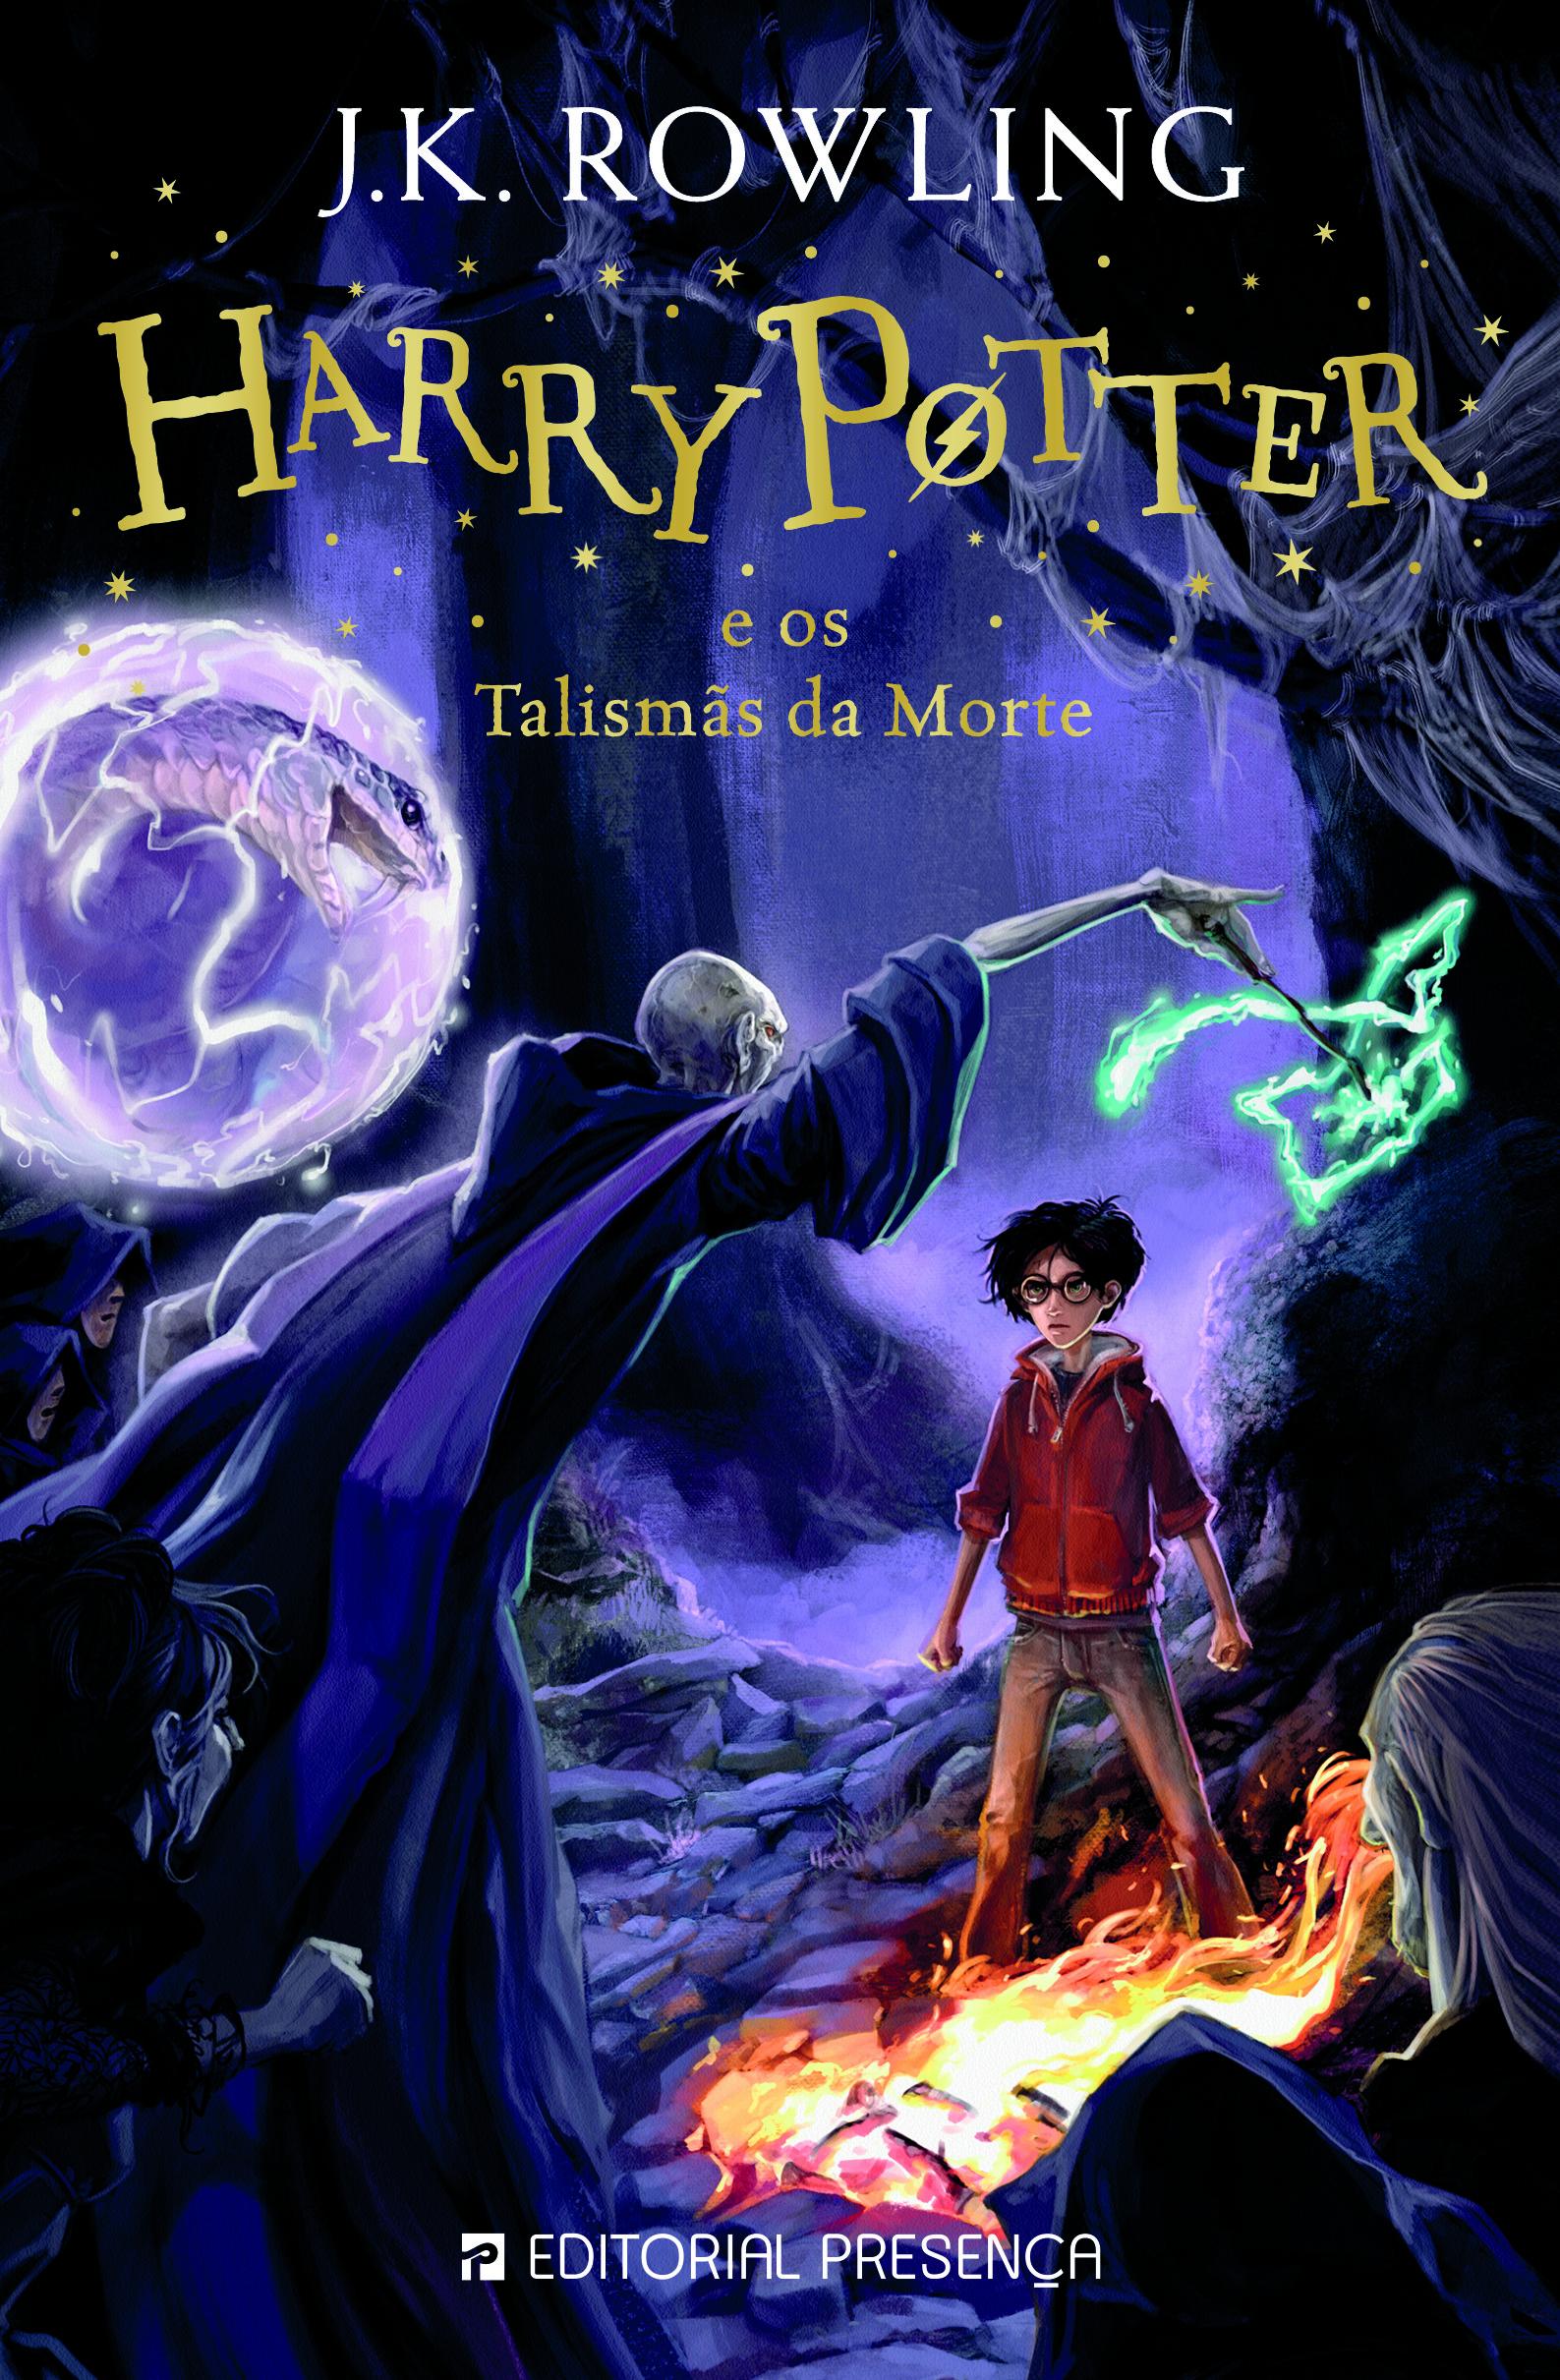 Harry Potter e os Talismãs da Mortede J. K. Rowling